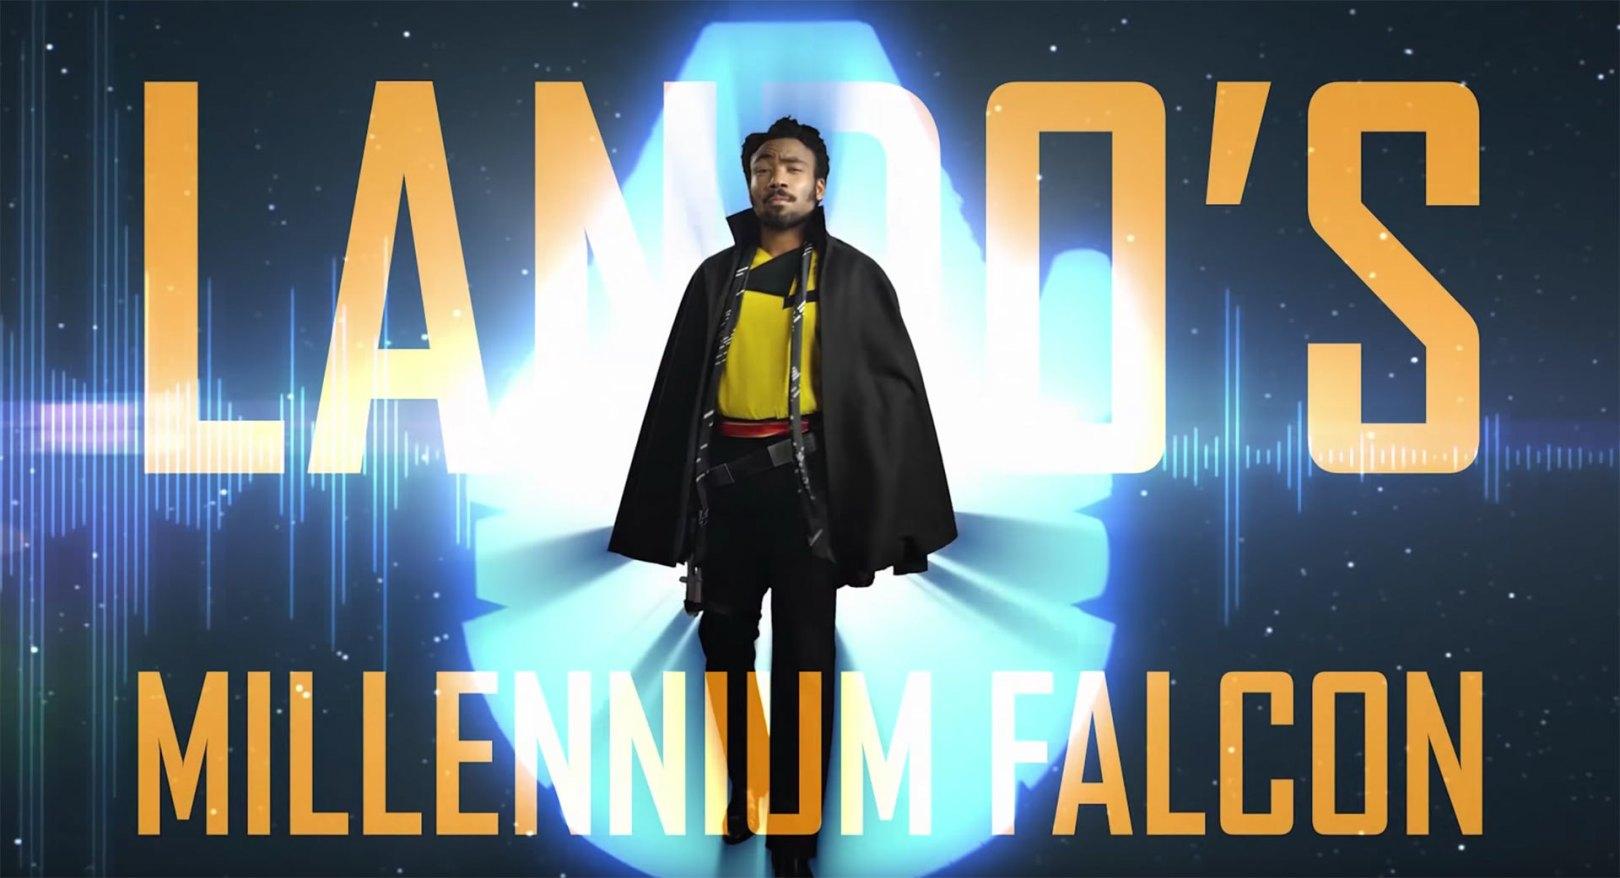 Donald-Glover-Millennium-Falcon-Tour